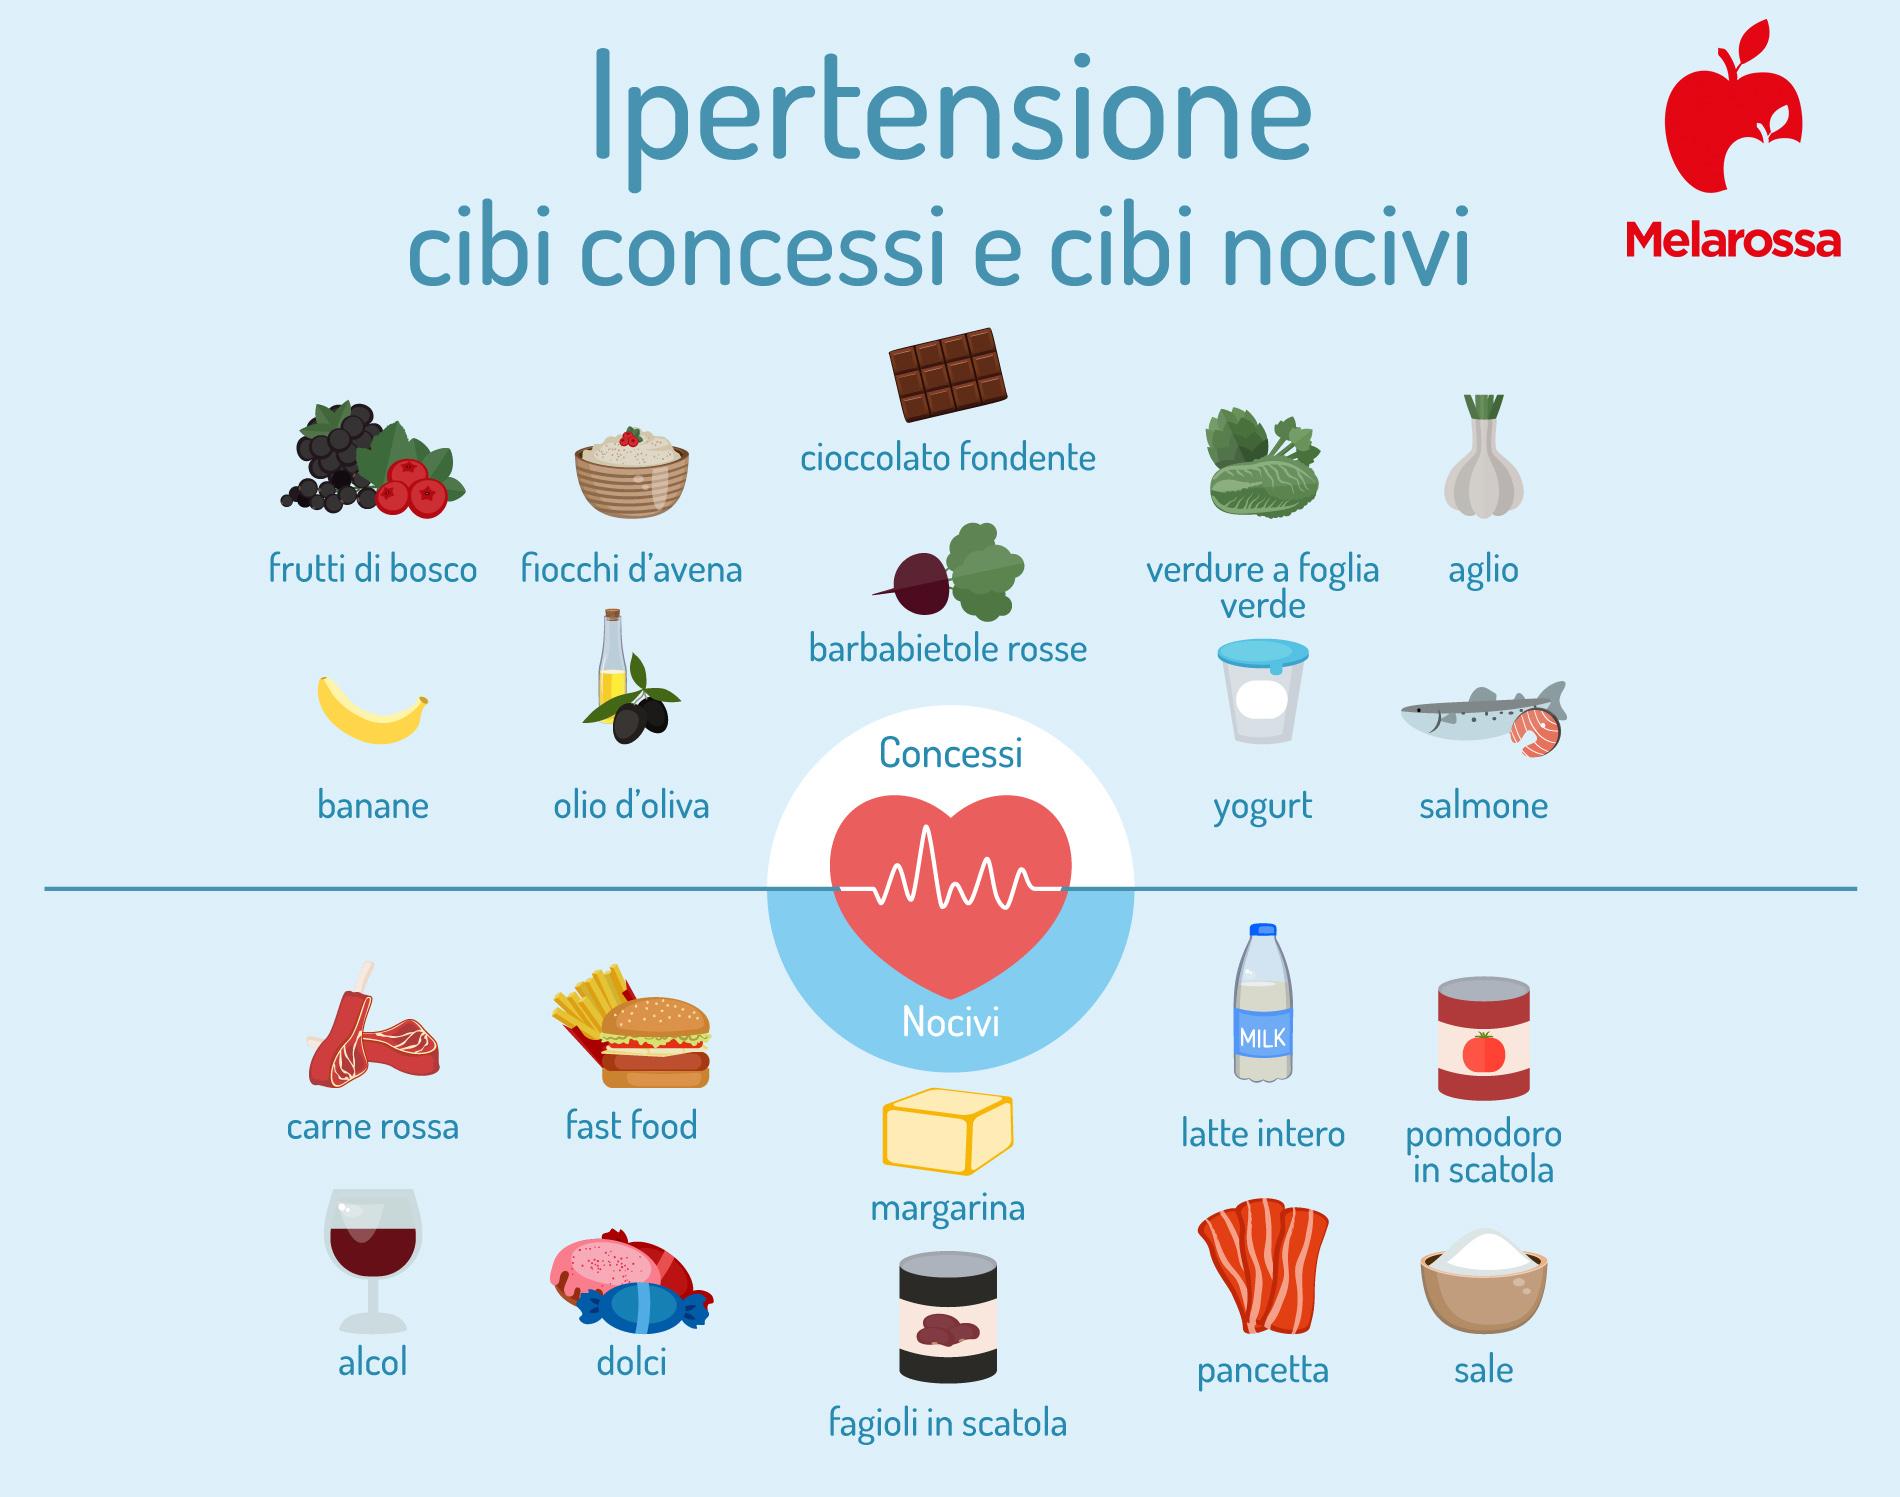 Ipertensione: cibi concessi e cibi che fanno male